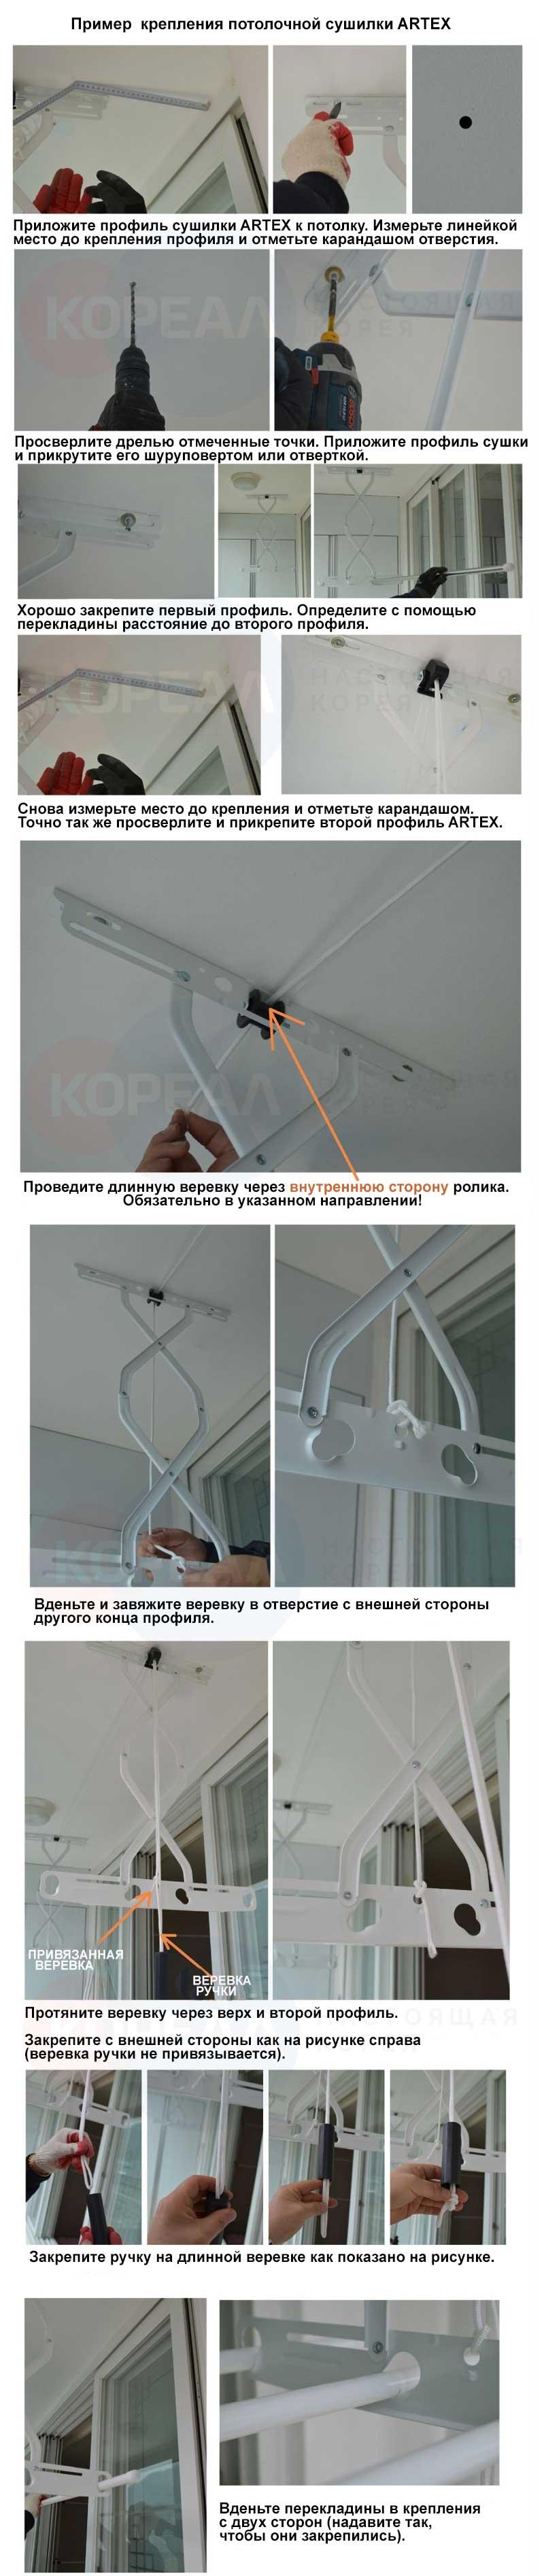 инструкция сушилка потолочная